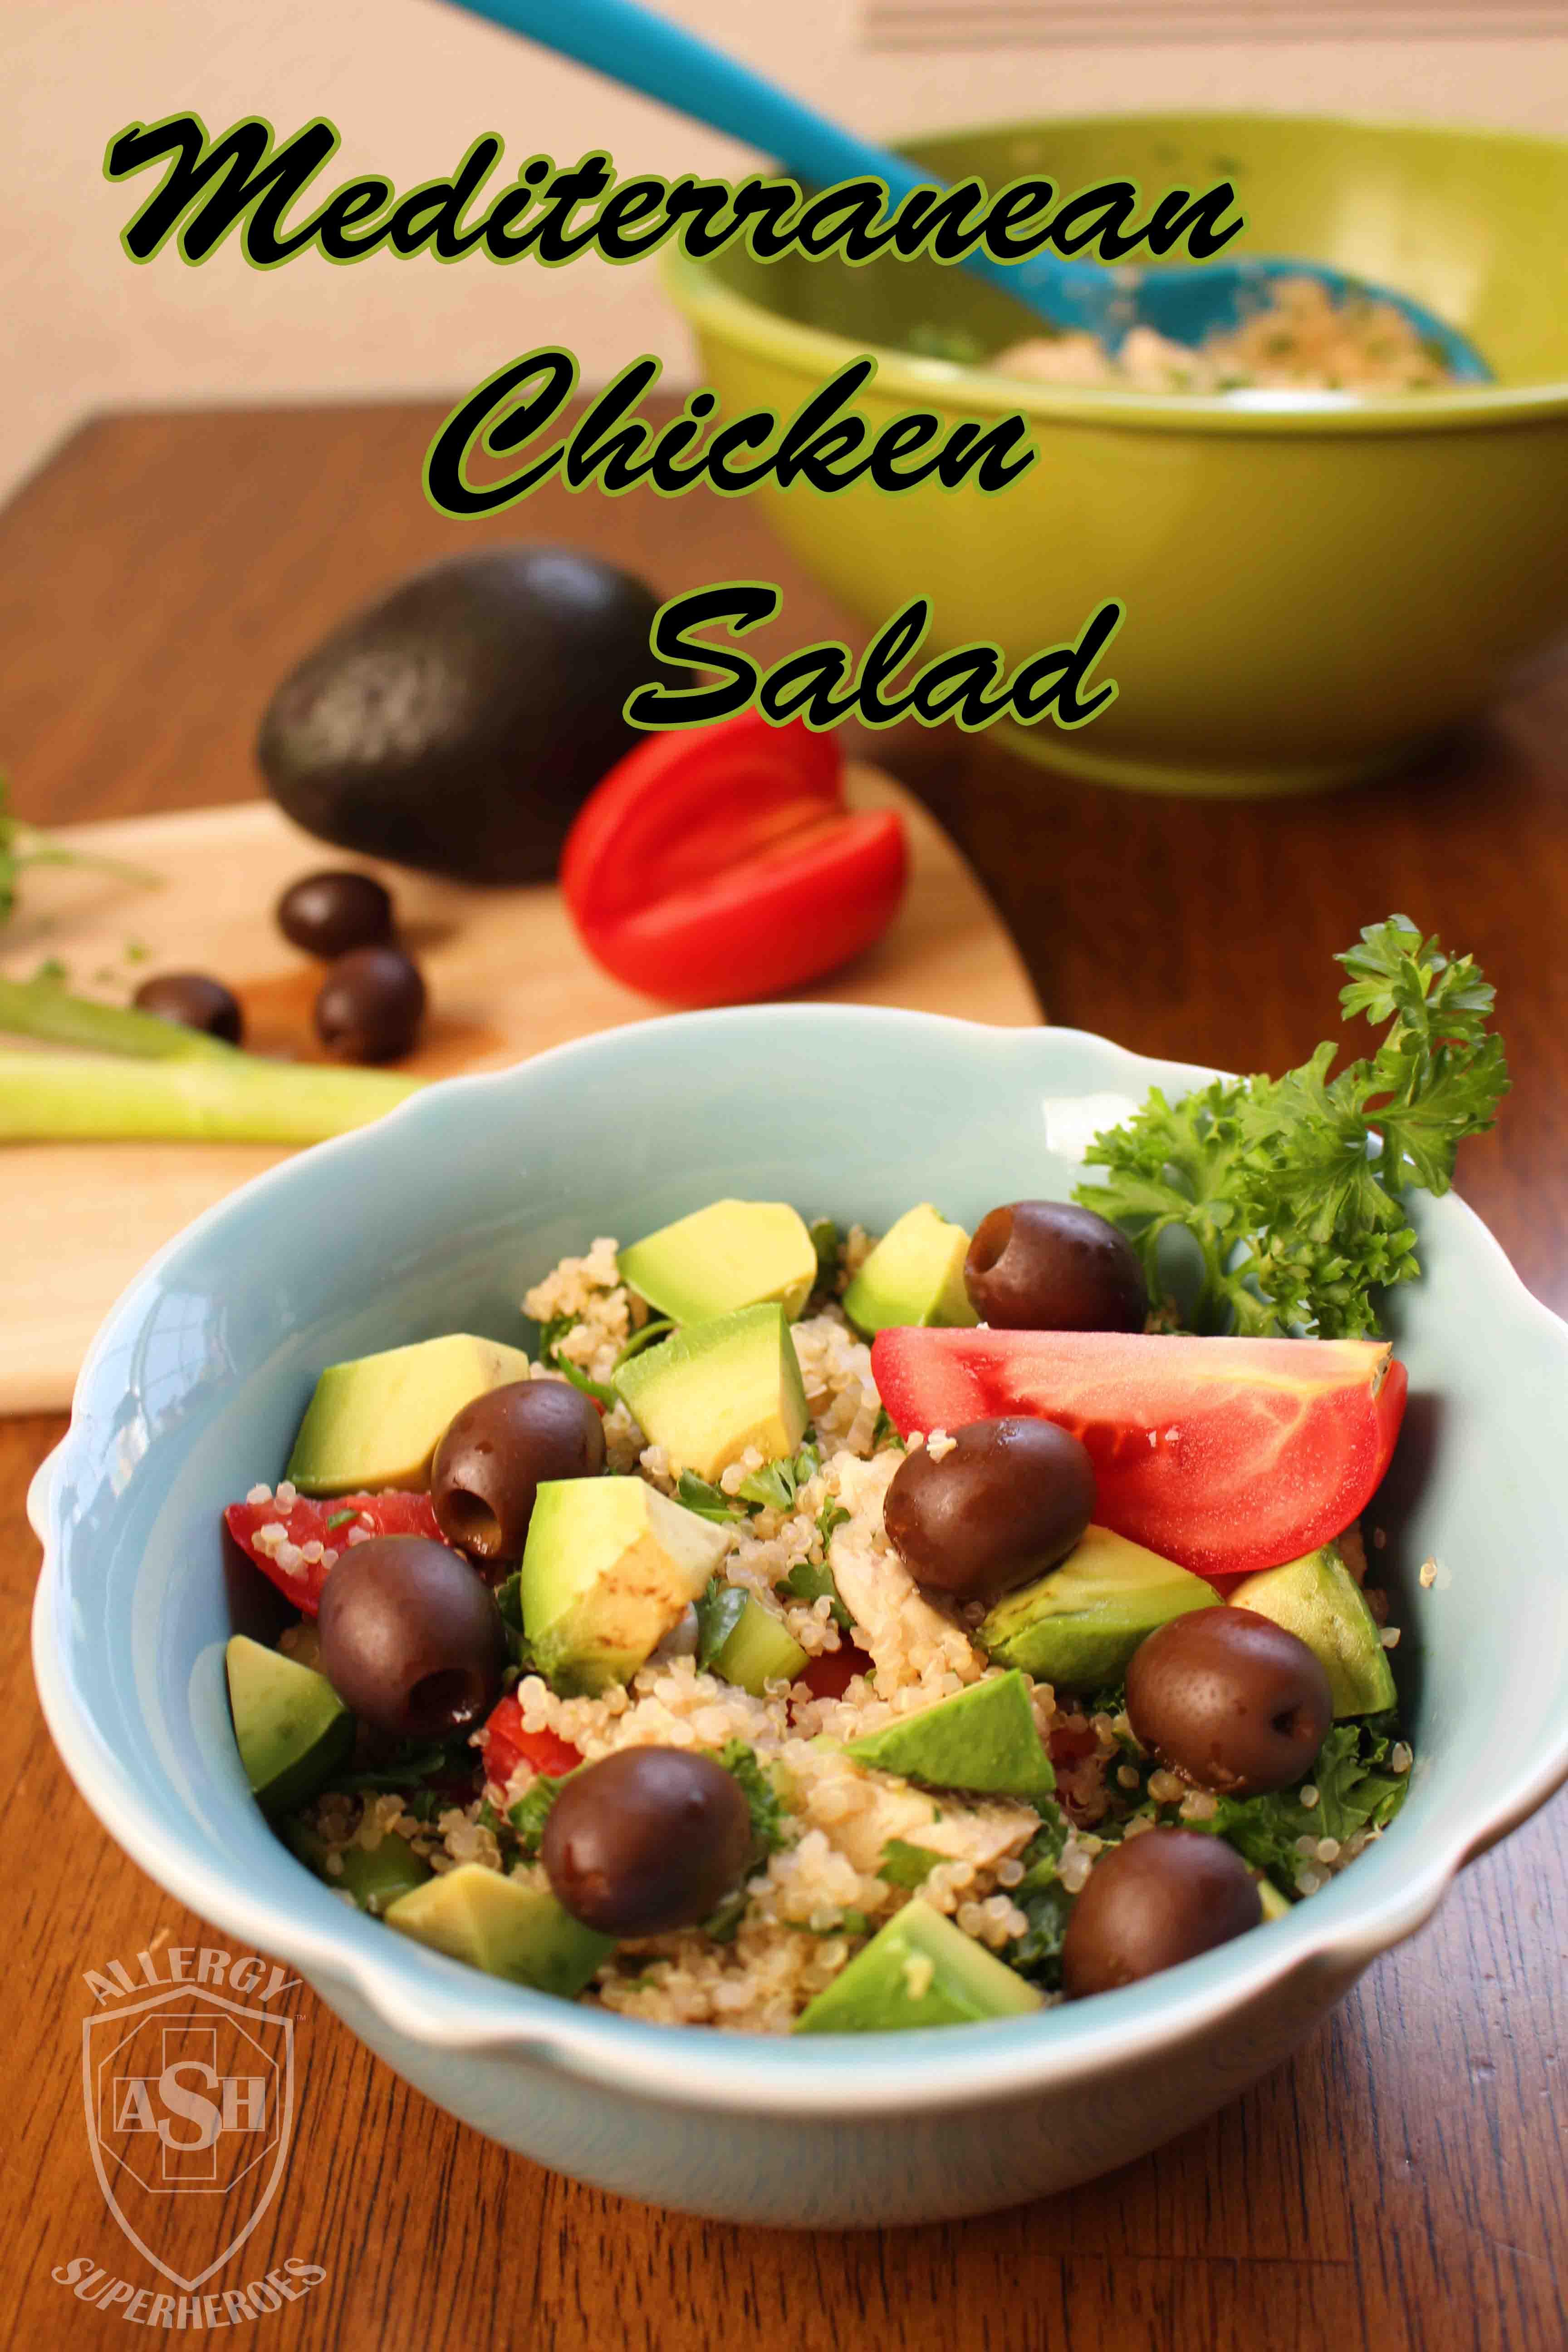 Mediterranean Chicken Salad from Allergy Superheroes | gluten-free, top 8 free, super yummy!